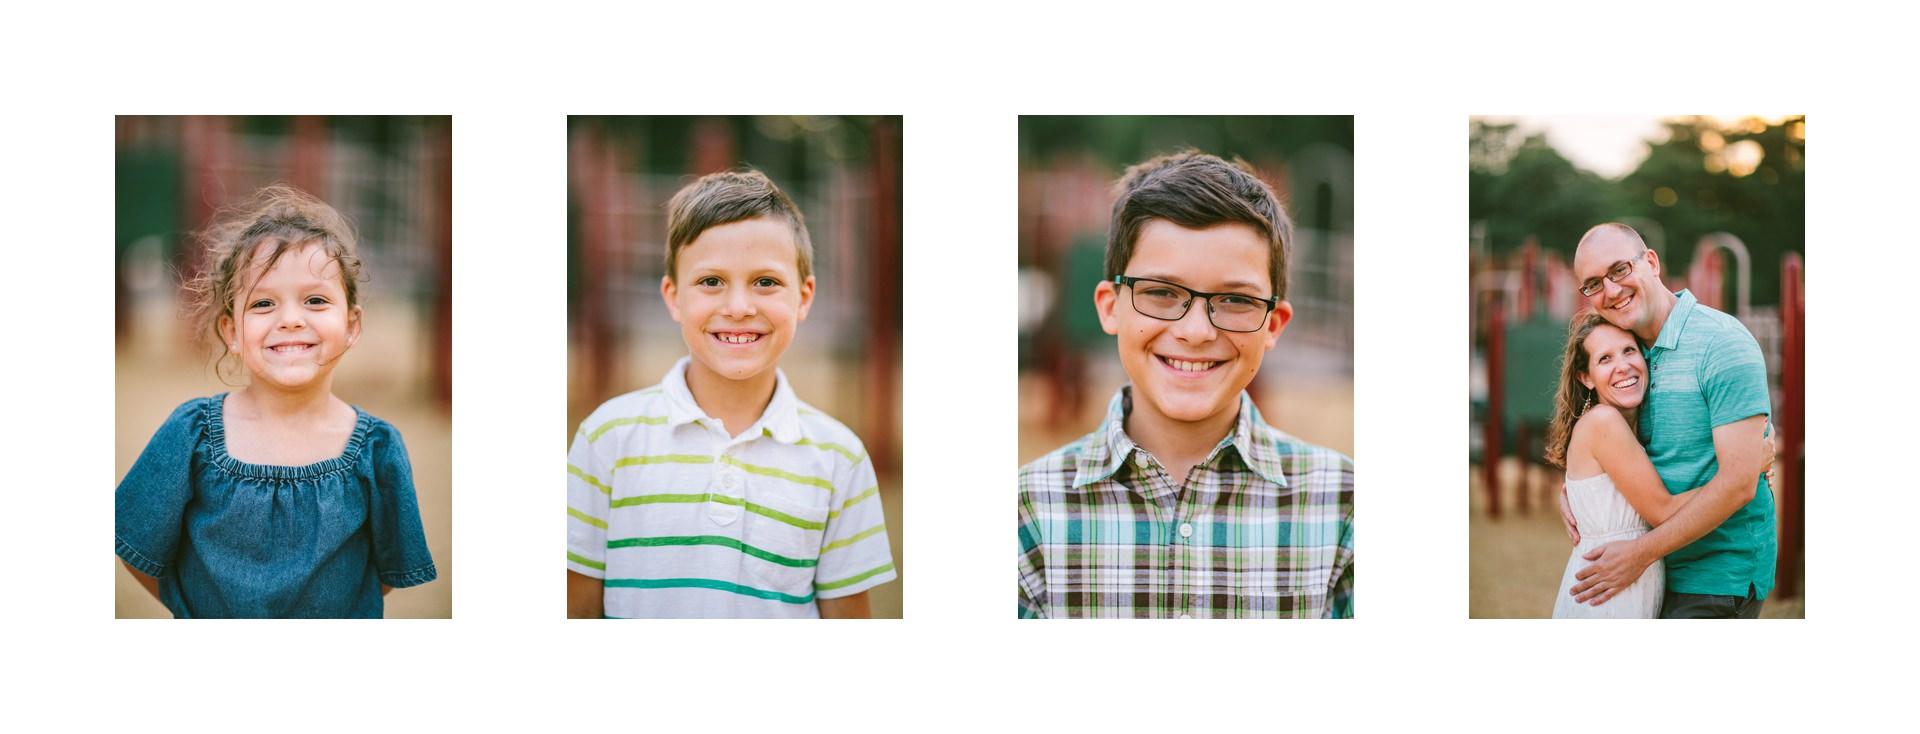 Lakewood Ohio Lifestyle Family Photographer 27.jpg